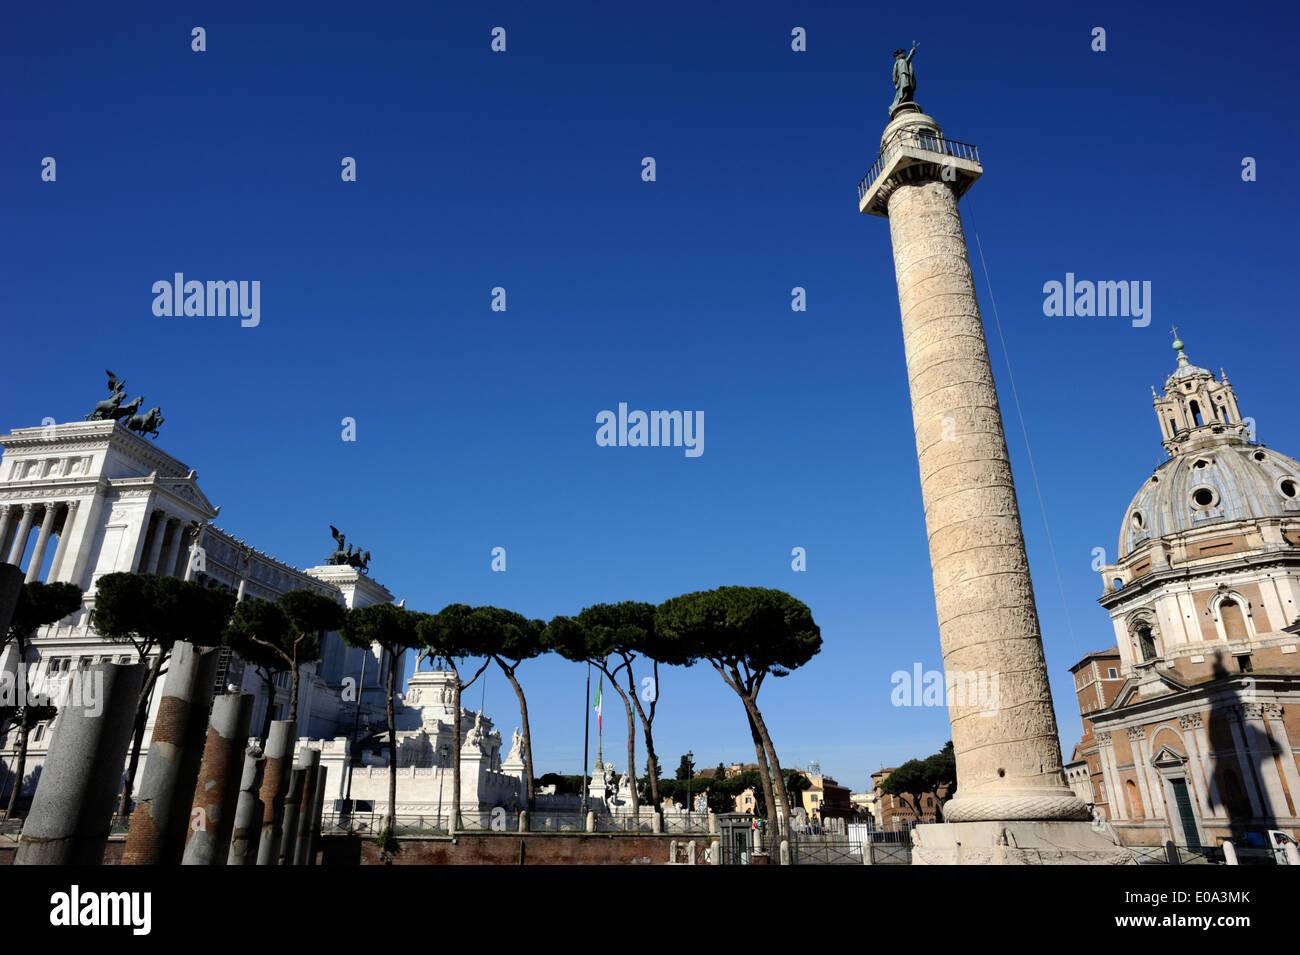 Italie, Rome, la colonne trajane et vittoriano Banque D'Images